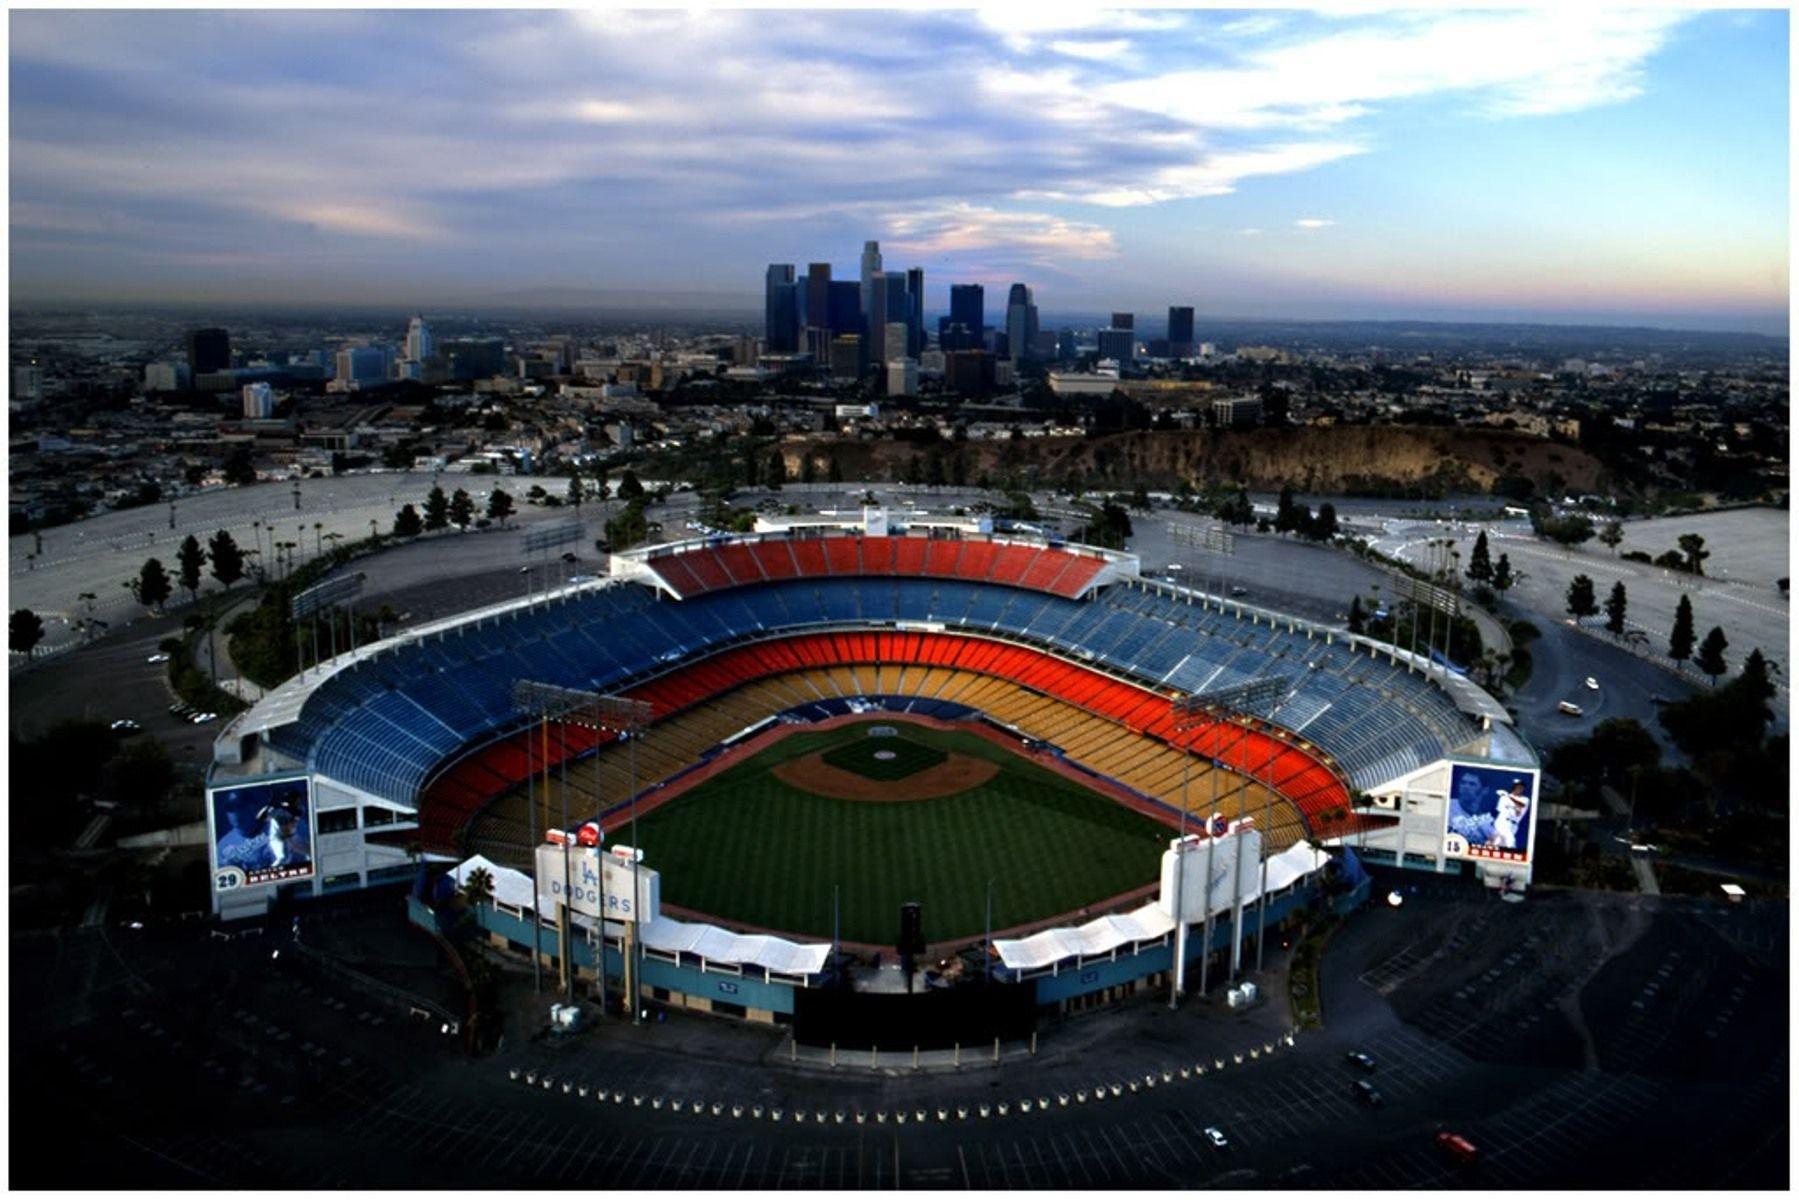 wallpaper.wiki-download-dodger-stadium-photos-pic-wpb009271